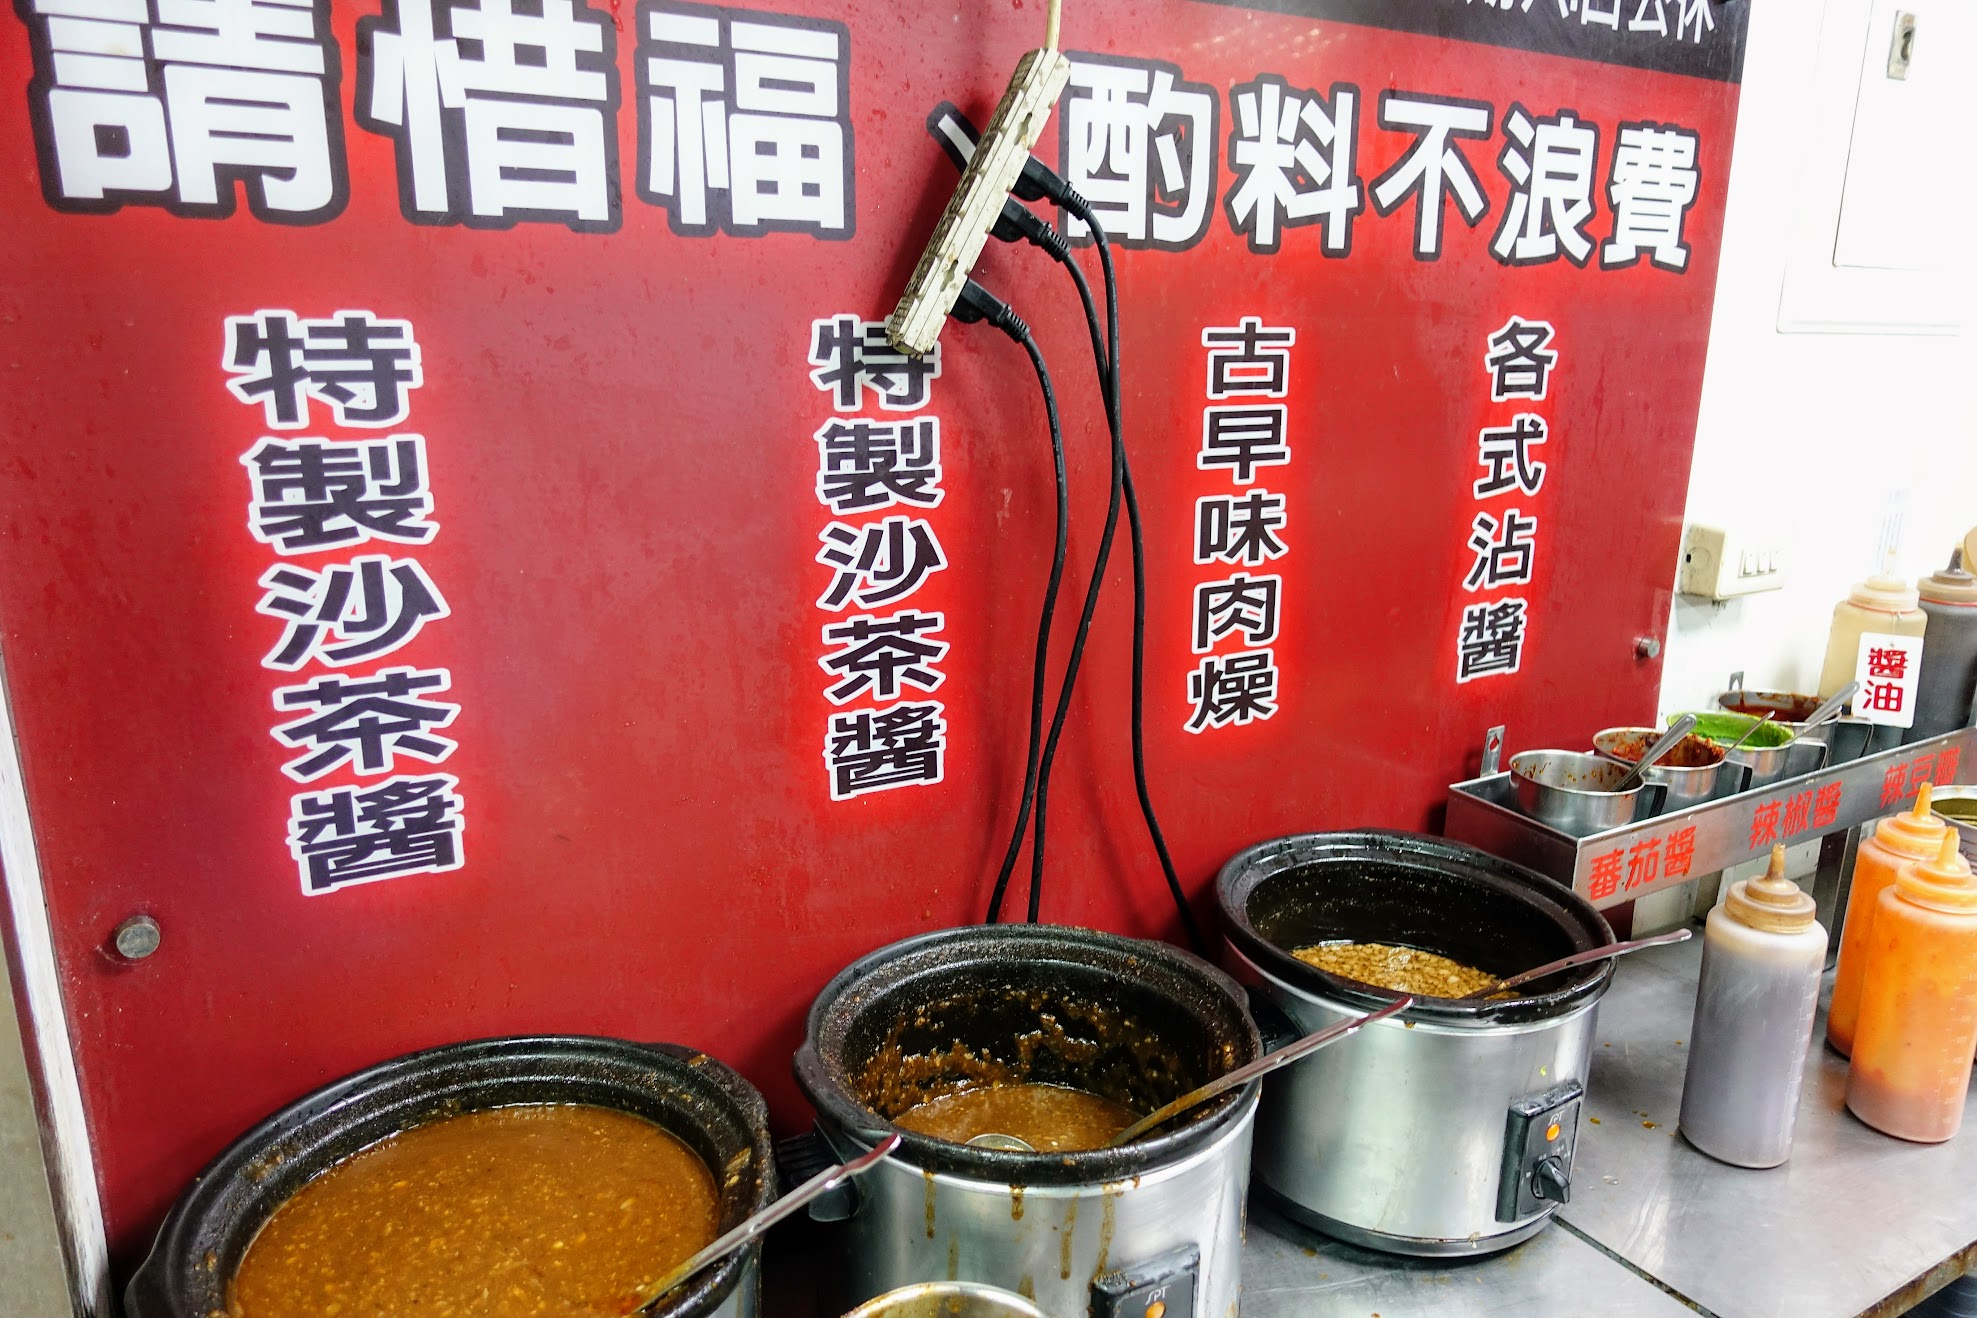 醬料區,也是自行拿取,像那個肉燥雖然看起來很肥很油,但就是那個...膠質,讓人很想點碗飯來吃吃....